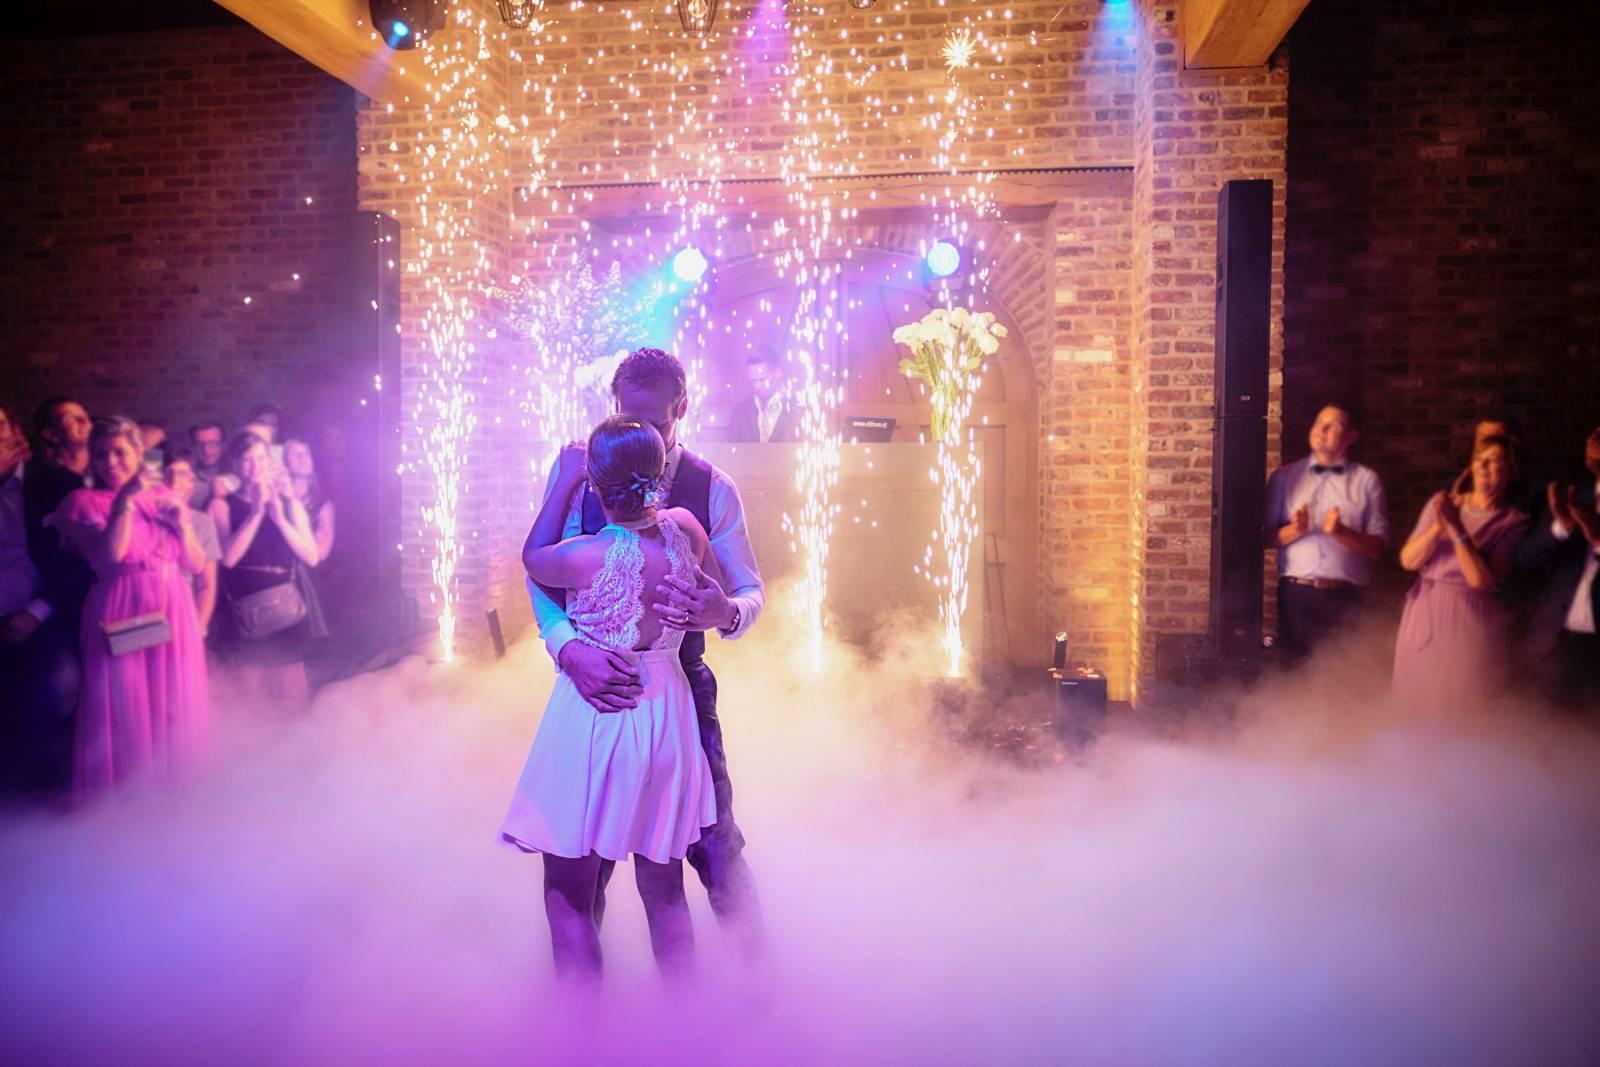 Solico - Licht & Geluid huwelijk - Audiovisueel - House of Weddings - 3